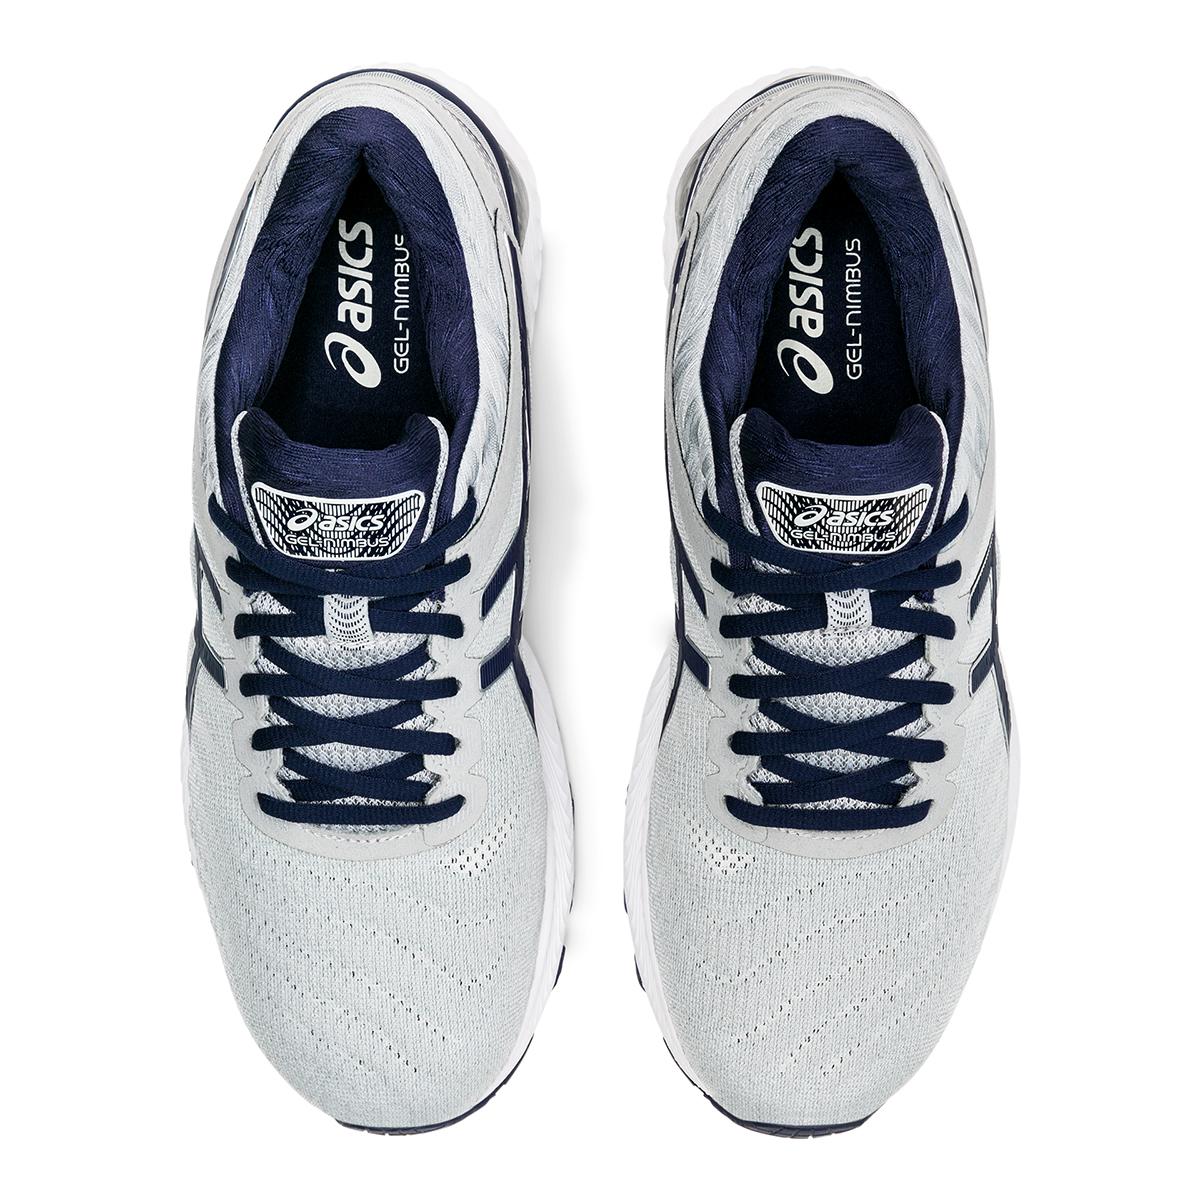 Men's Asics Gel-Nimbus 22 Running Shoe - Color: Piedmont Grey/Peacoat - Size: 6 - Width: Regular, Piedmont Grey/Peacoat, large, image 3